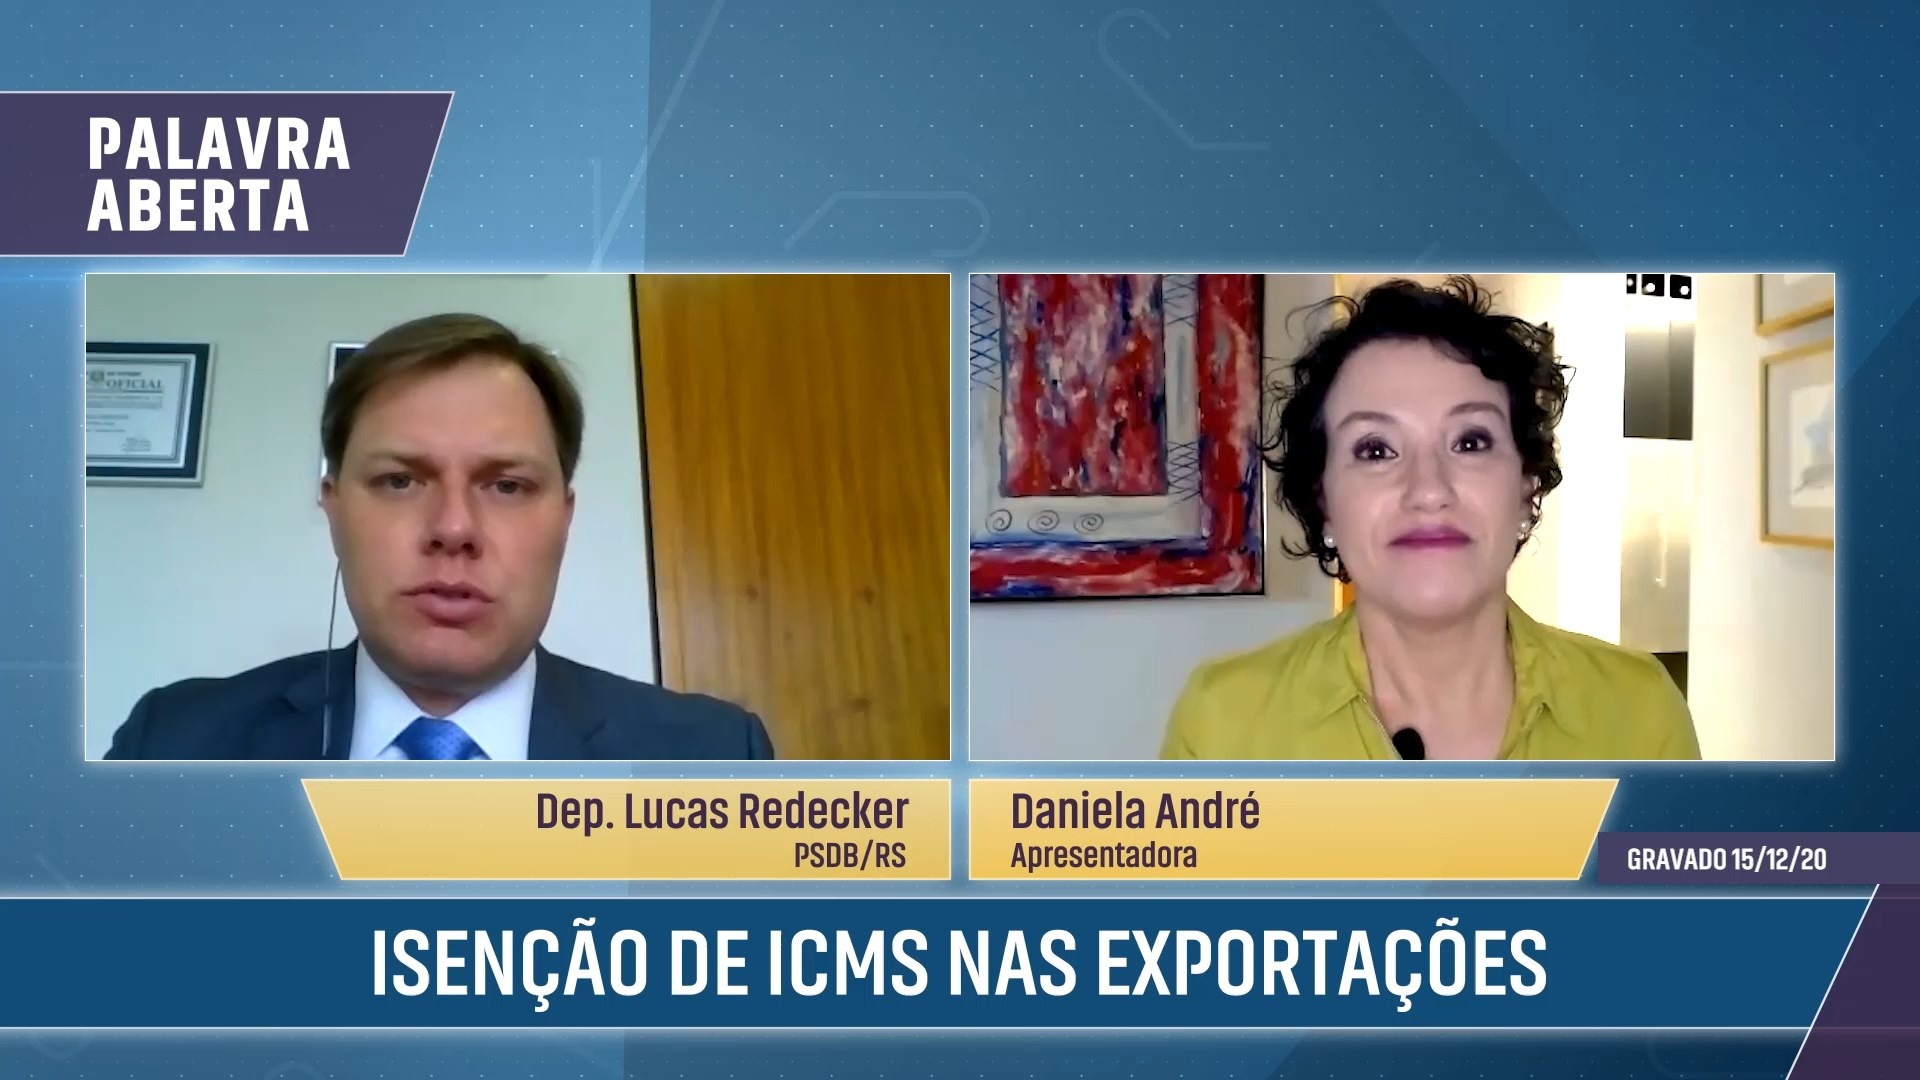 Isenção de ICMS nas exportações